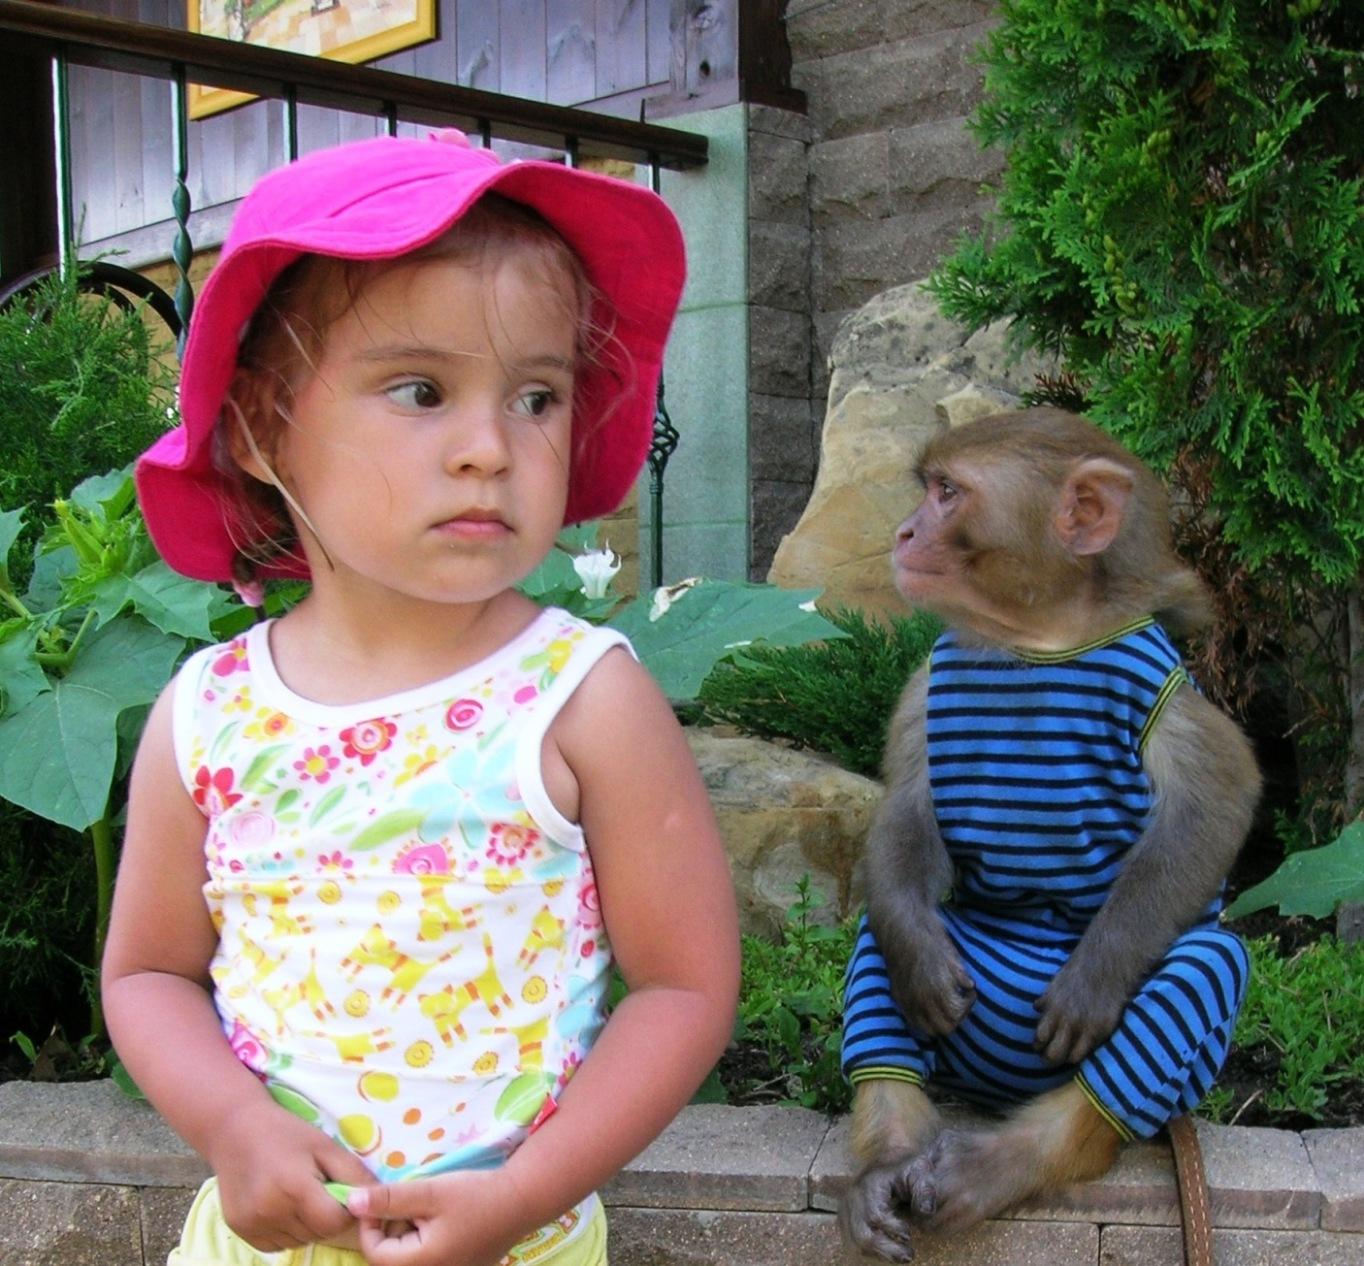 Я и моя подружка обезьянка!. Я люблю гулять